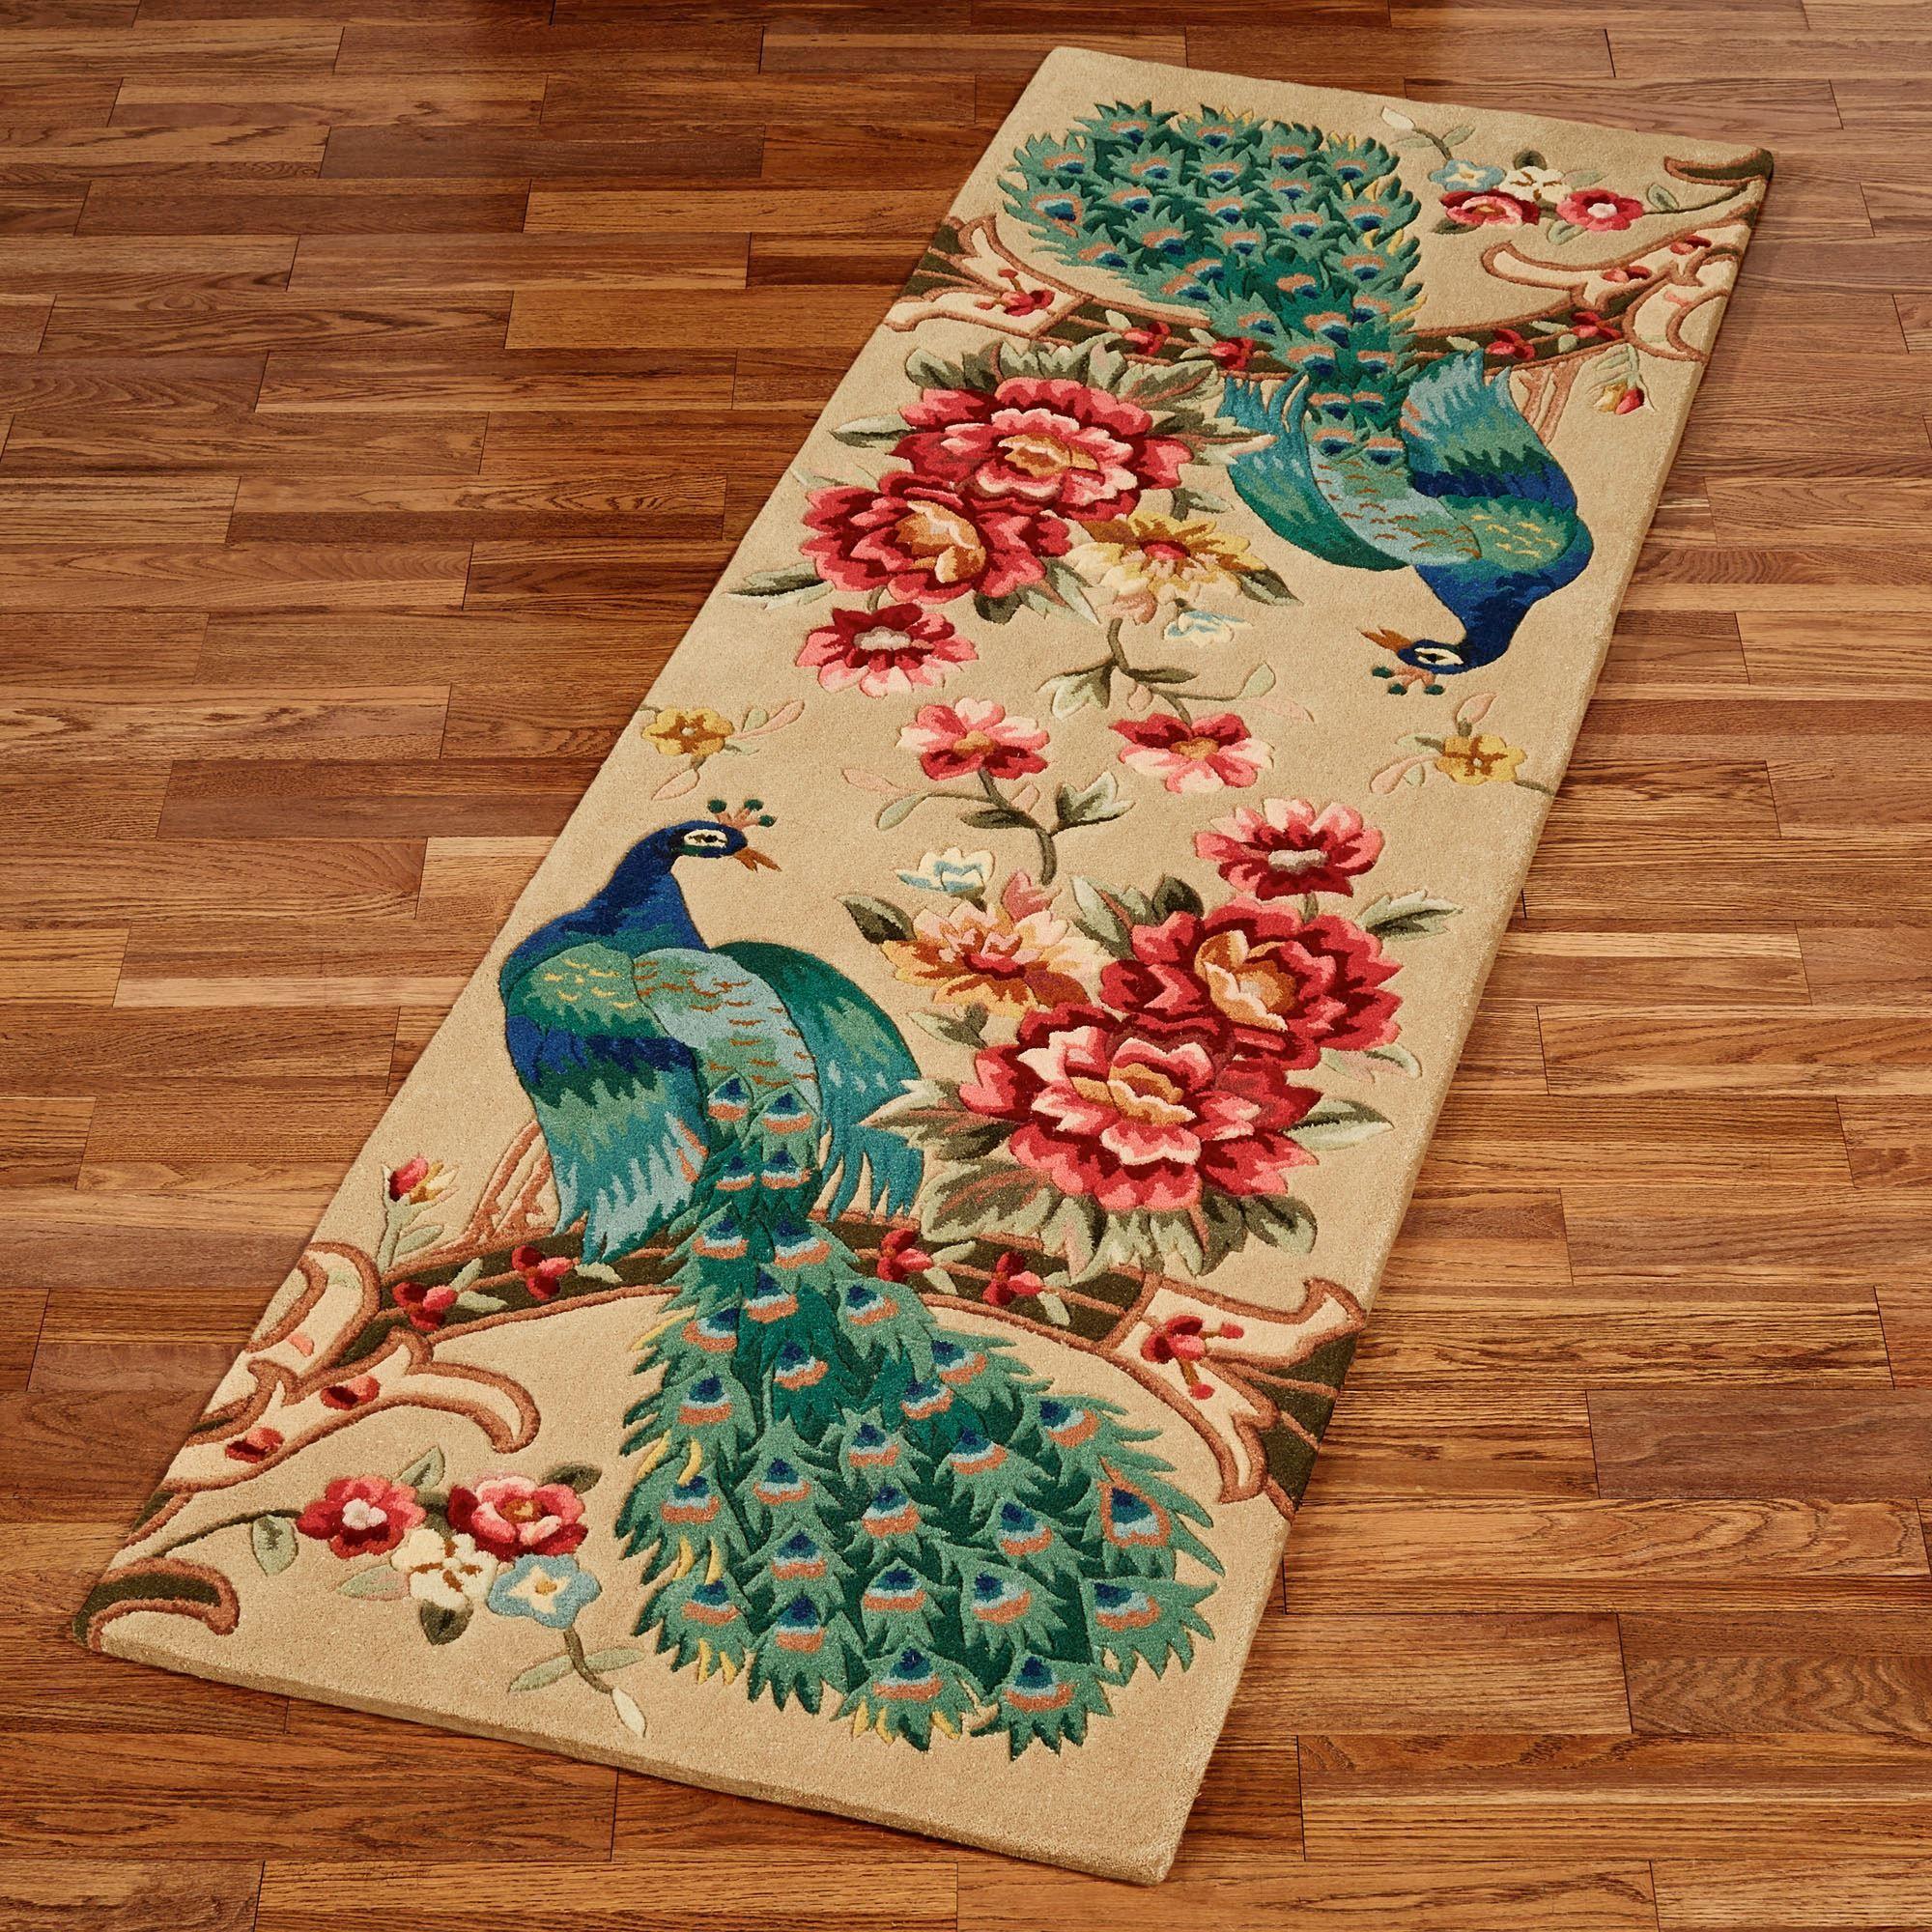 Peacock Garden Rug Runner